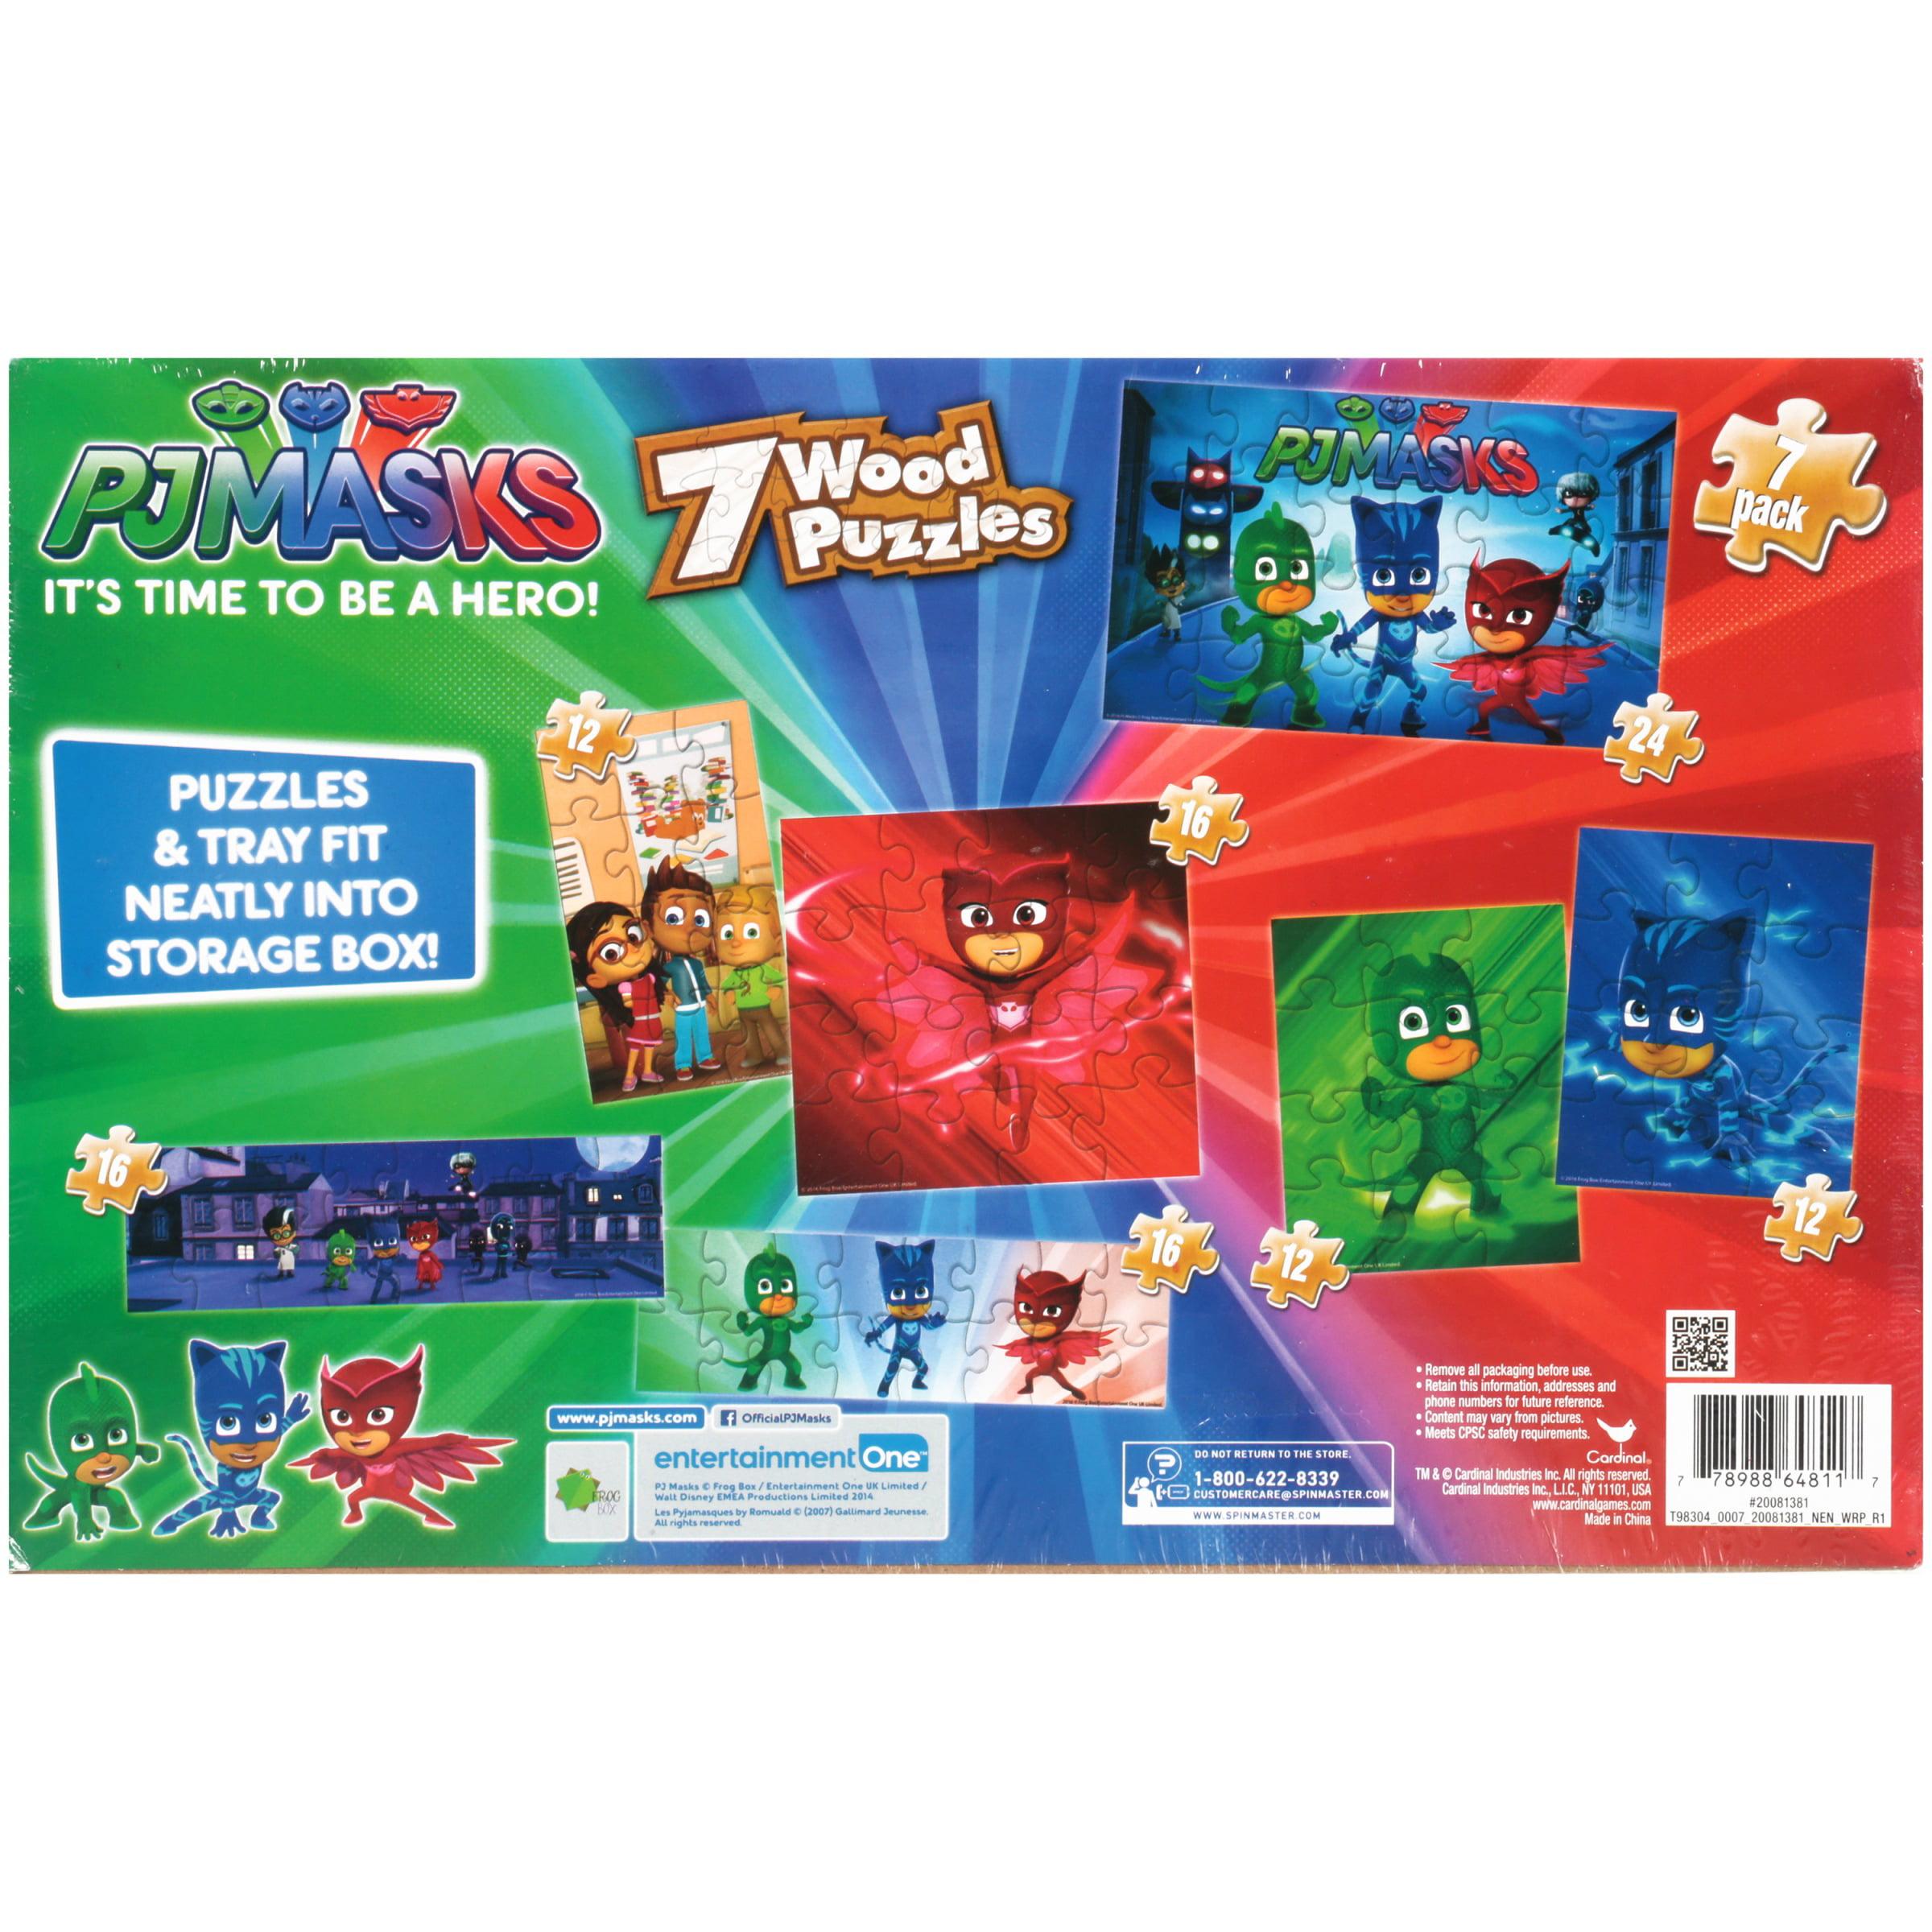 PJMasks Wooden Puzzles 7 ct Pack - Walmart.com